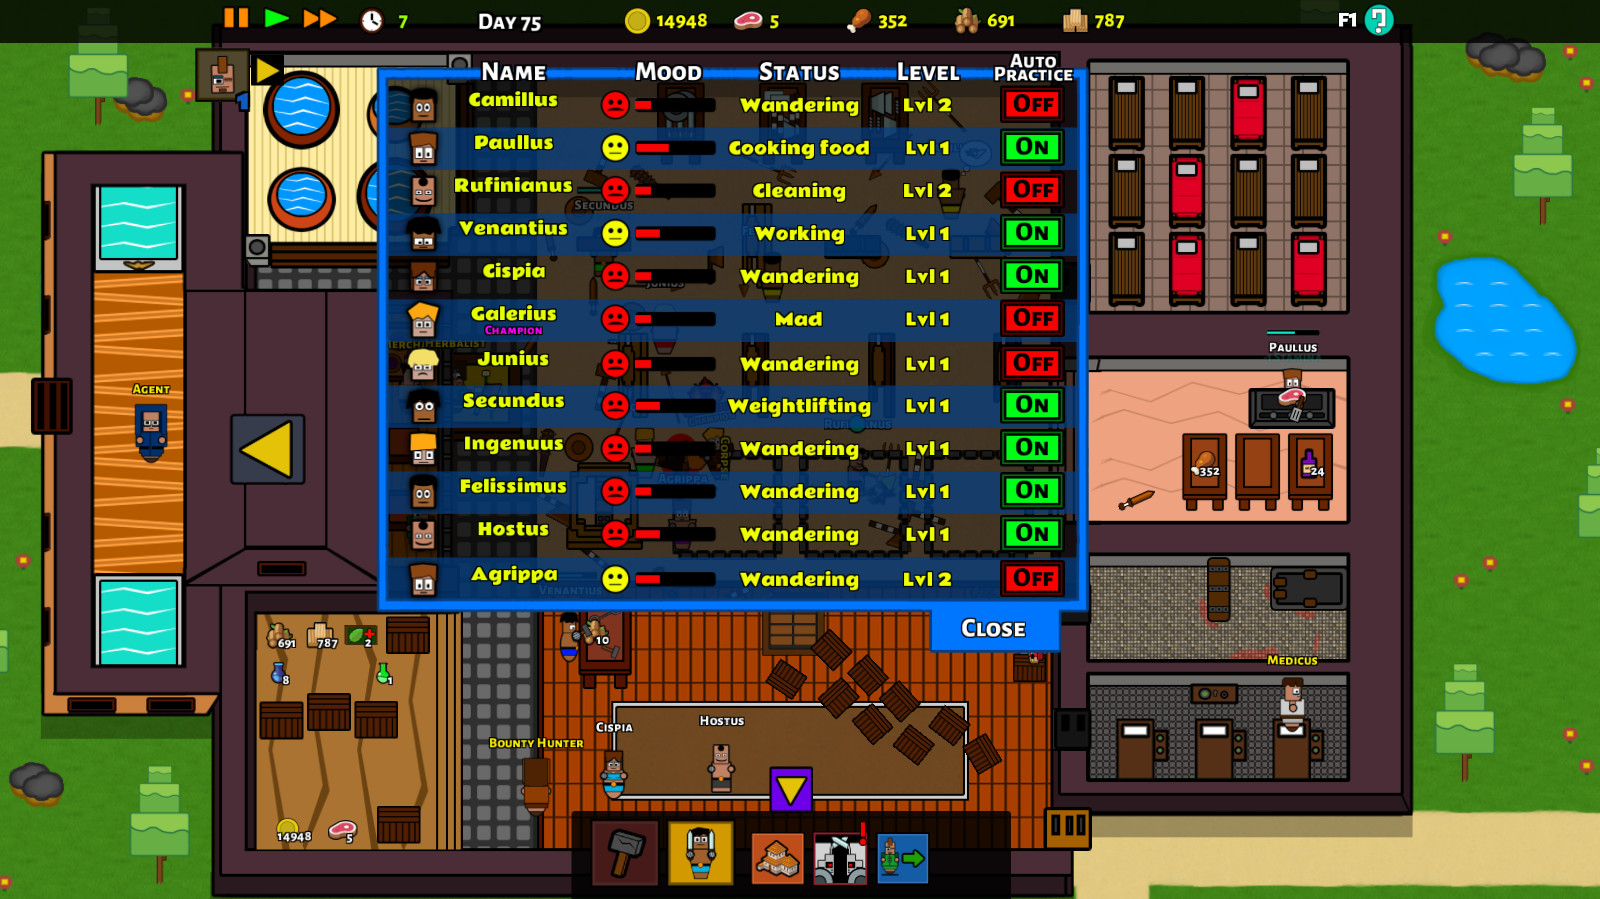 screen6 v1